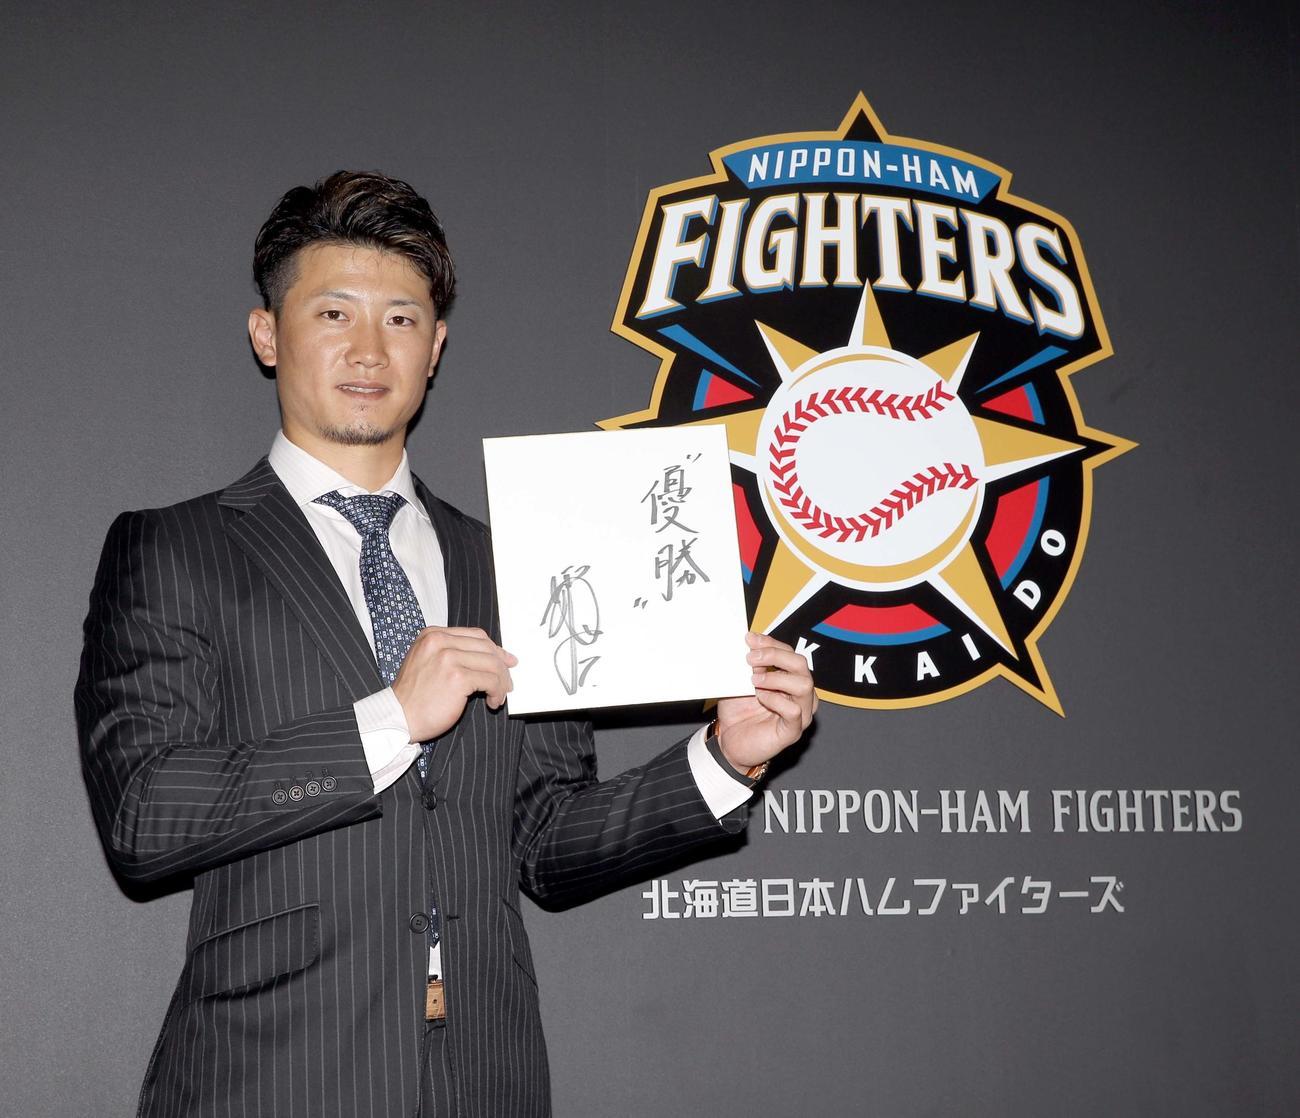 契約更改を終え、来季の目標を色紙に書き入れた日本ハム西川(撮影・佐藤翔太)